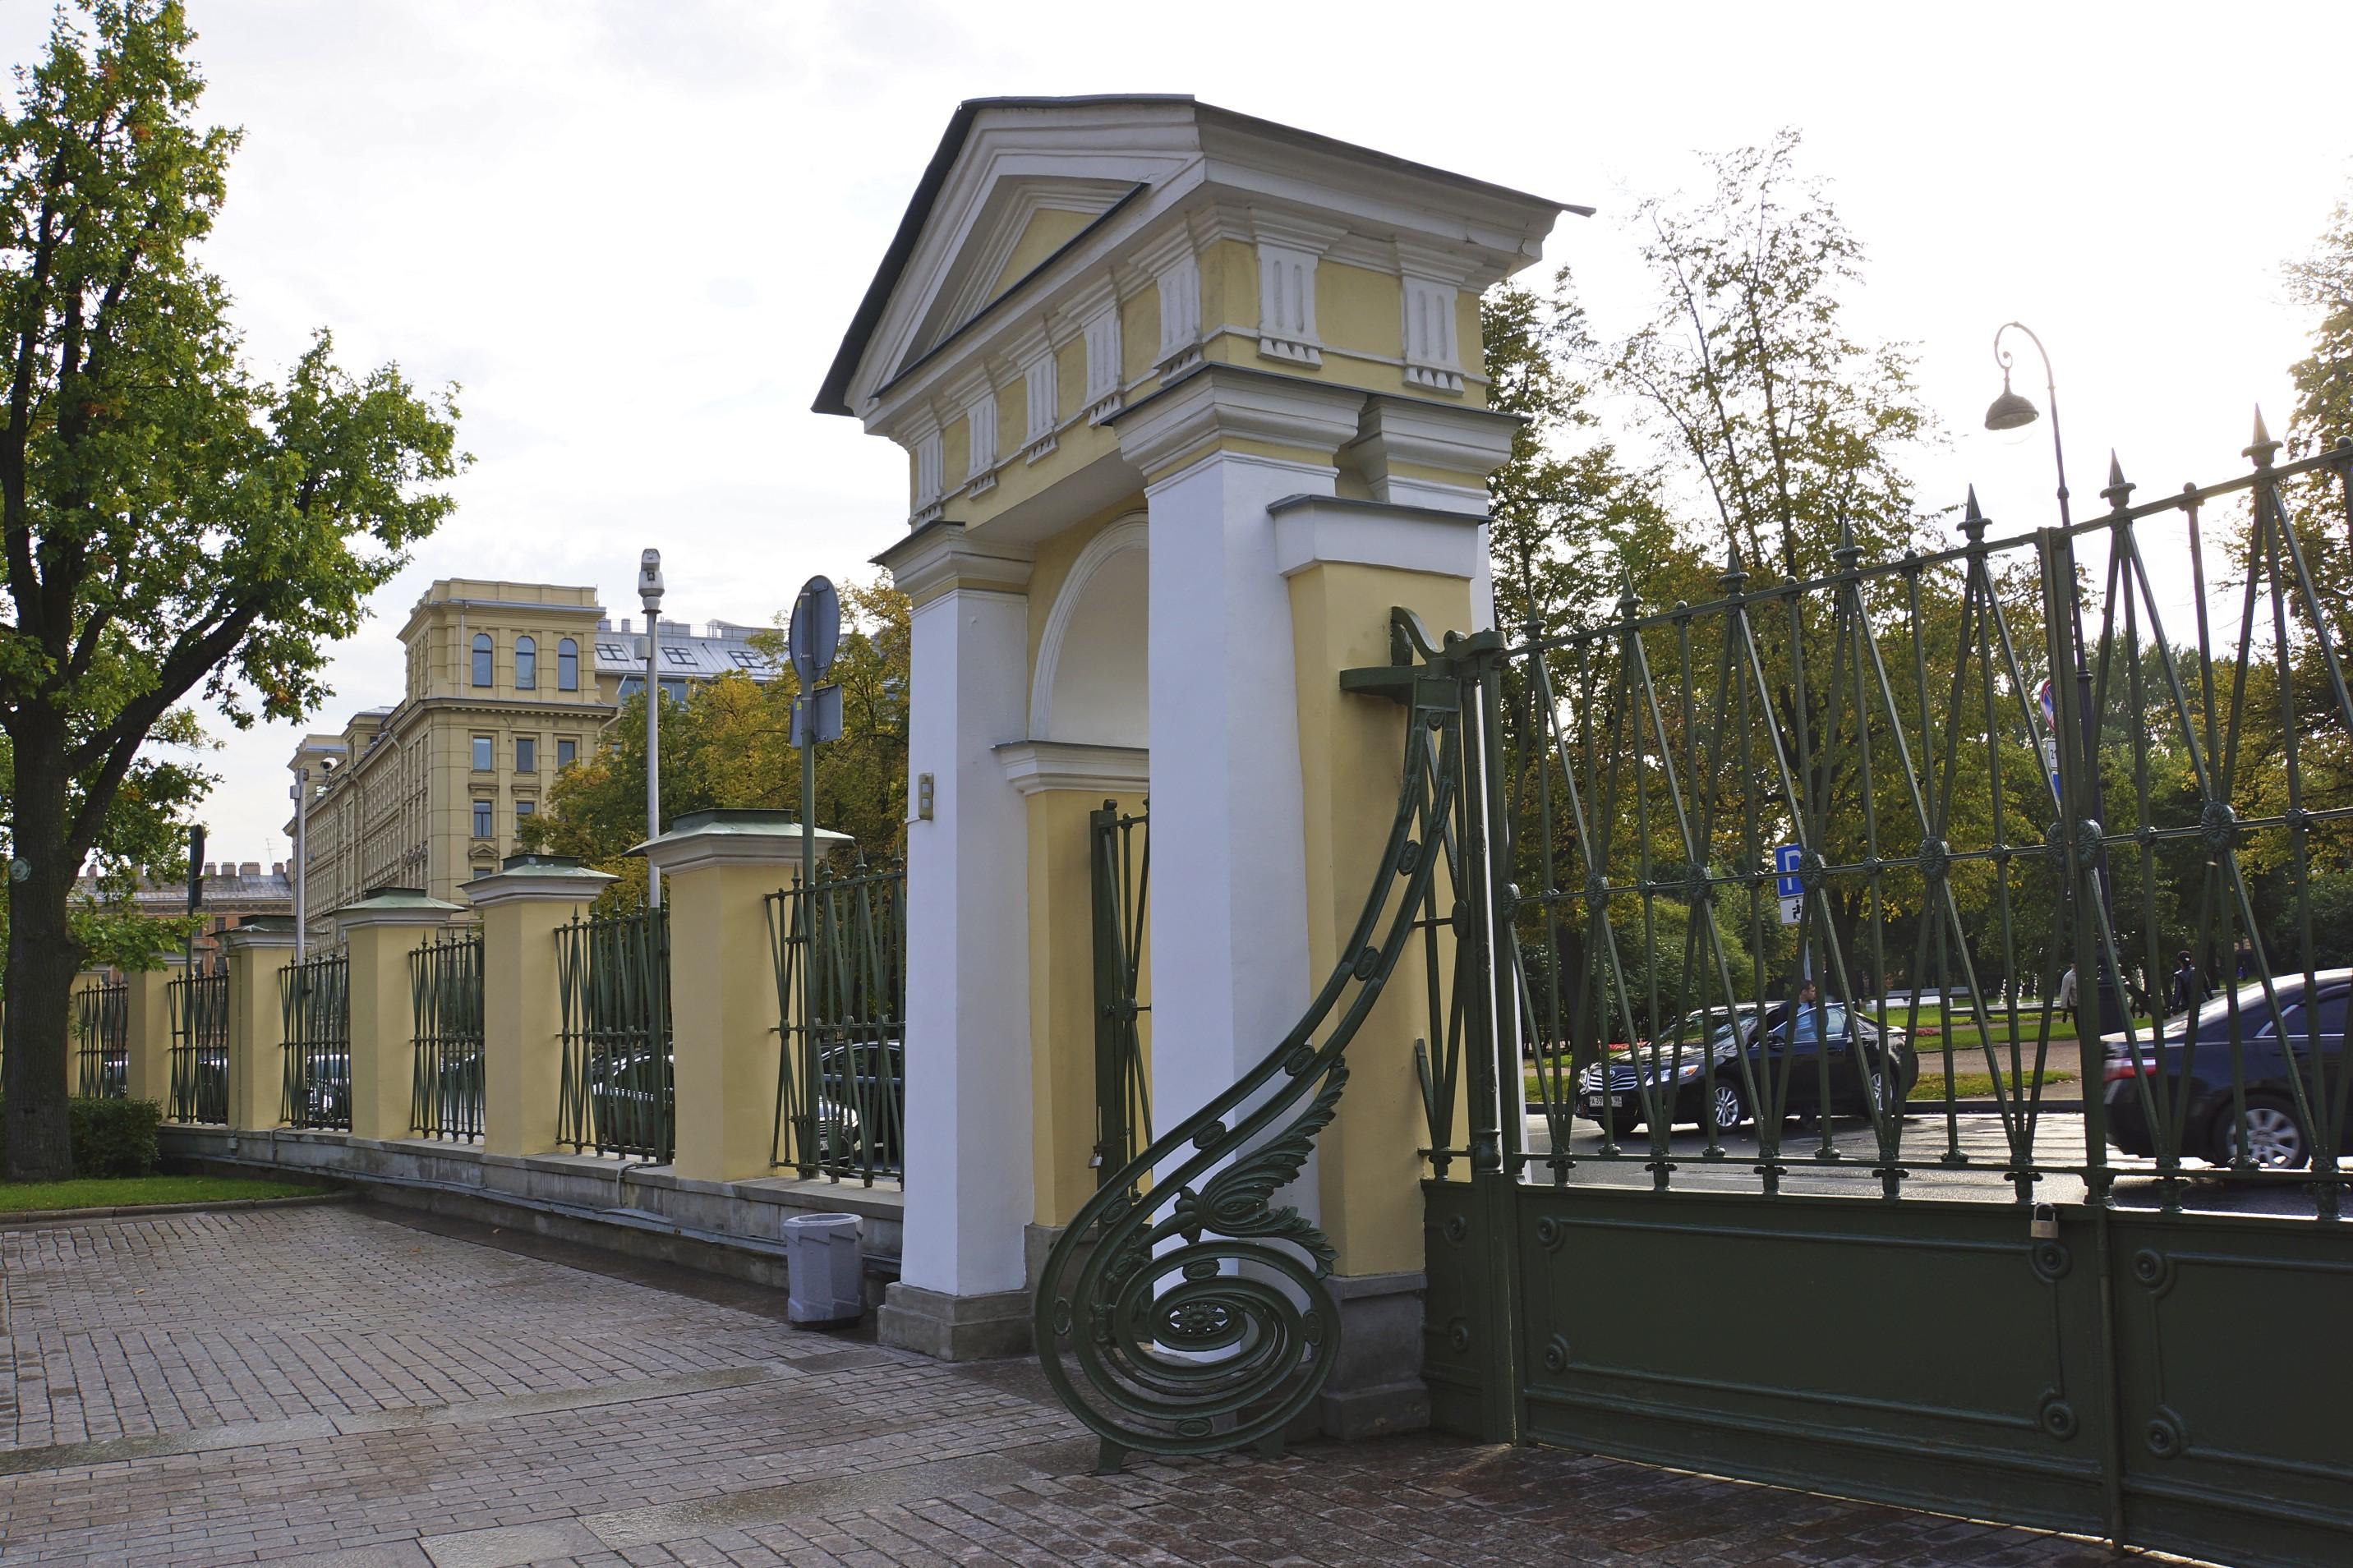 9-25-2012 Russia 6641 - Version 2